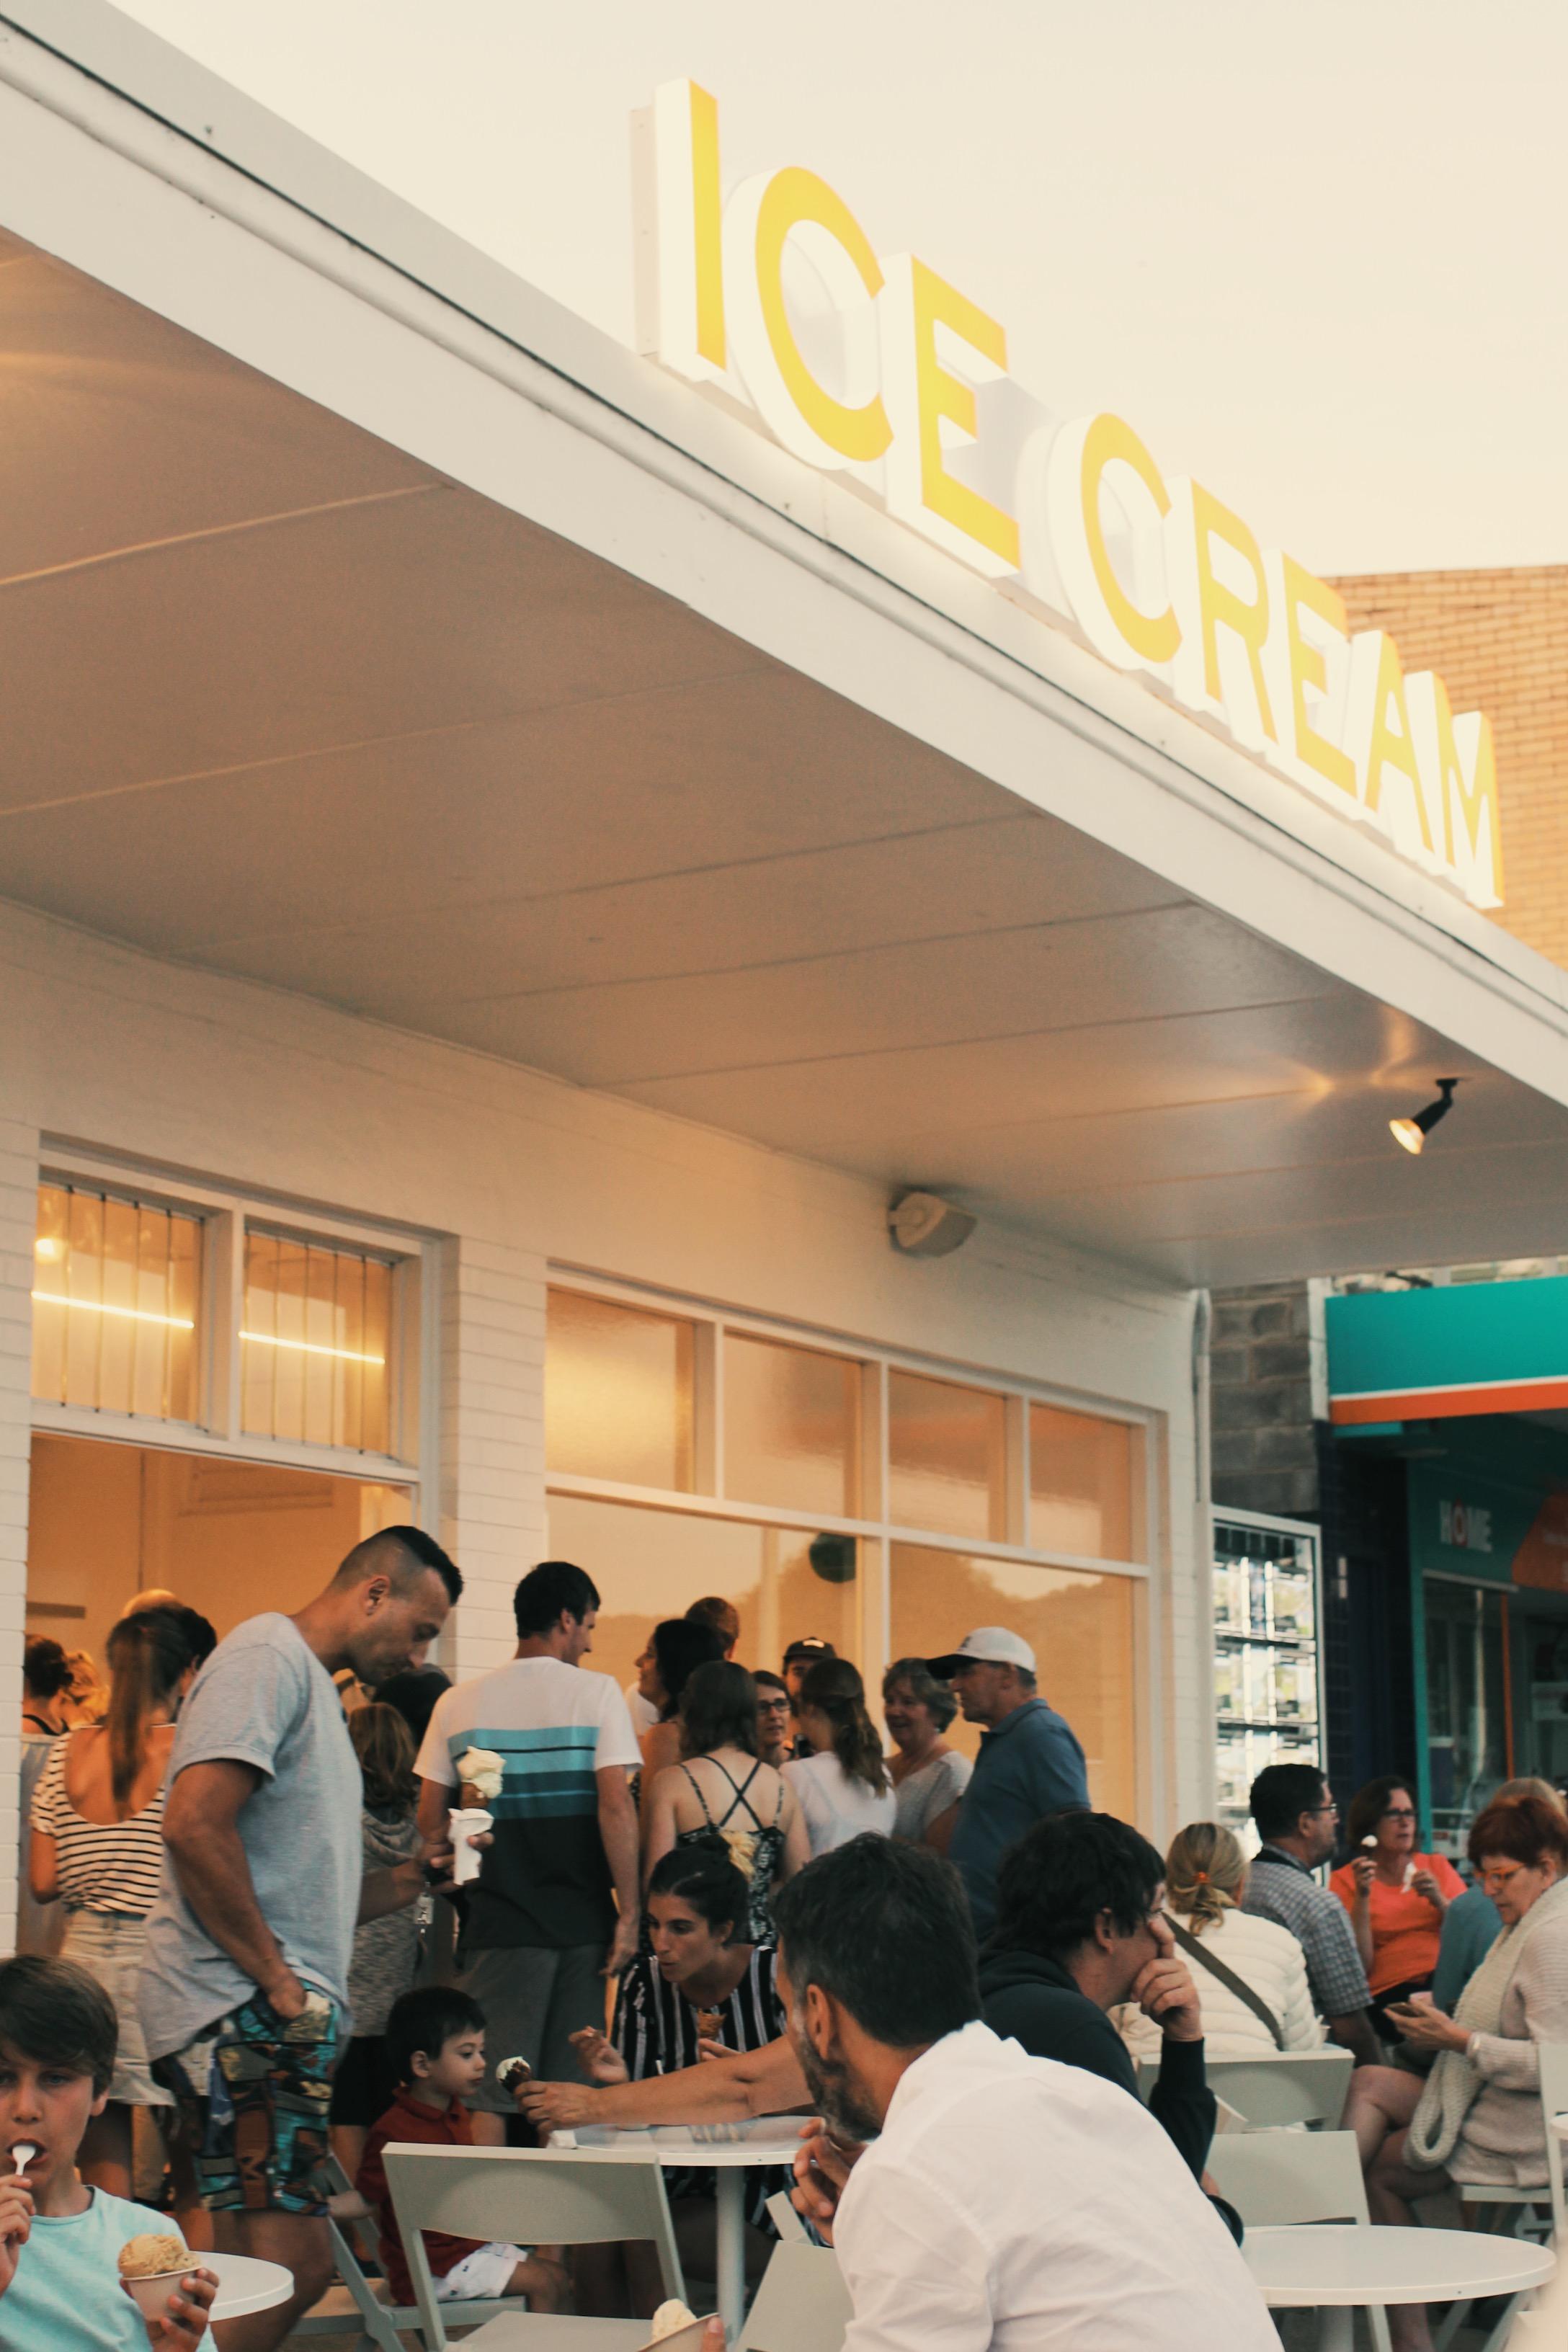 Lorne ice-creamery